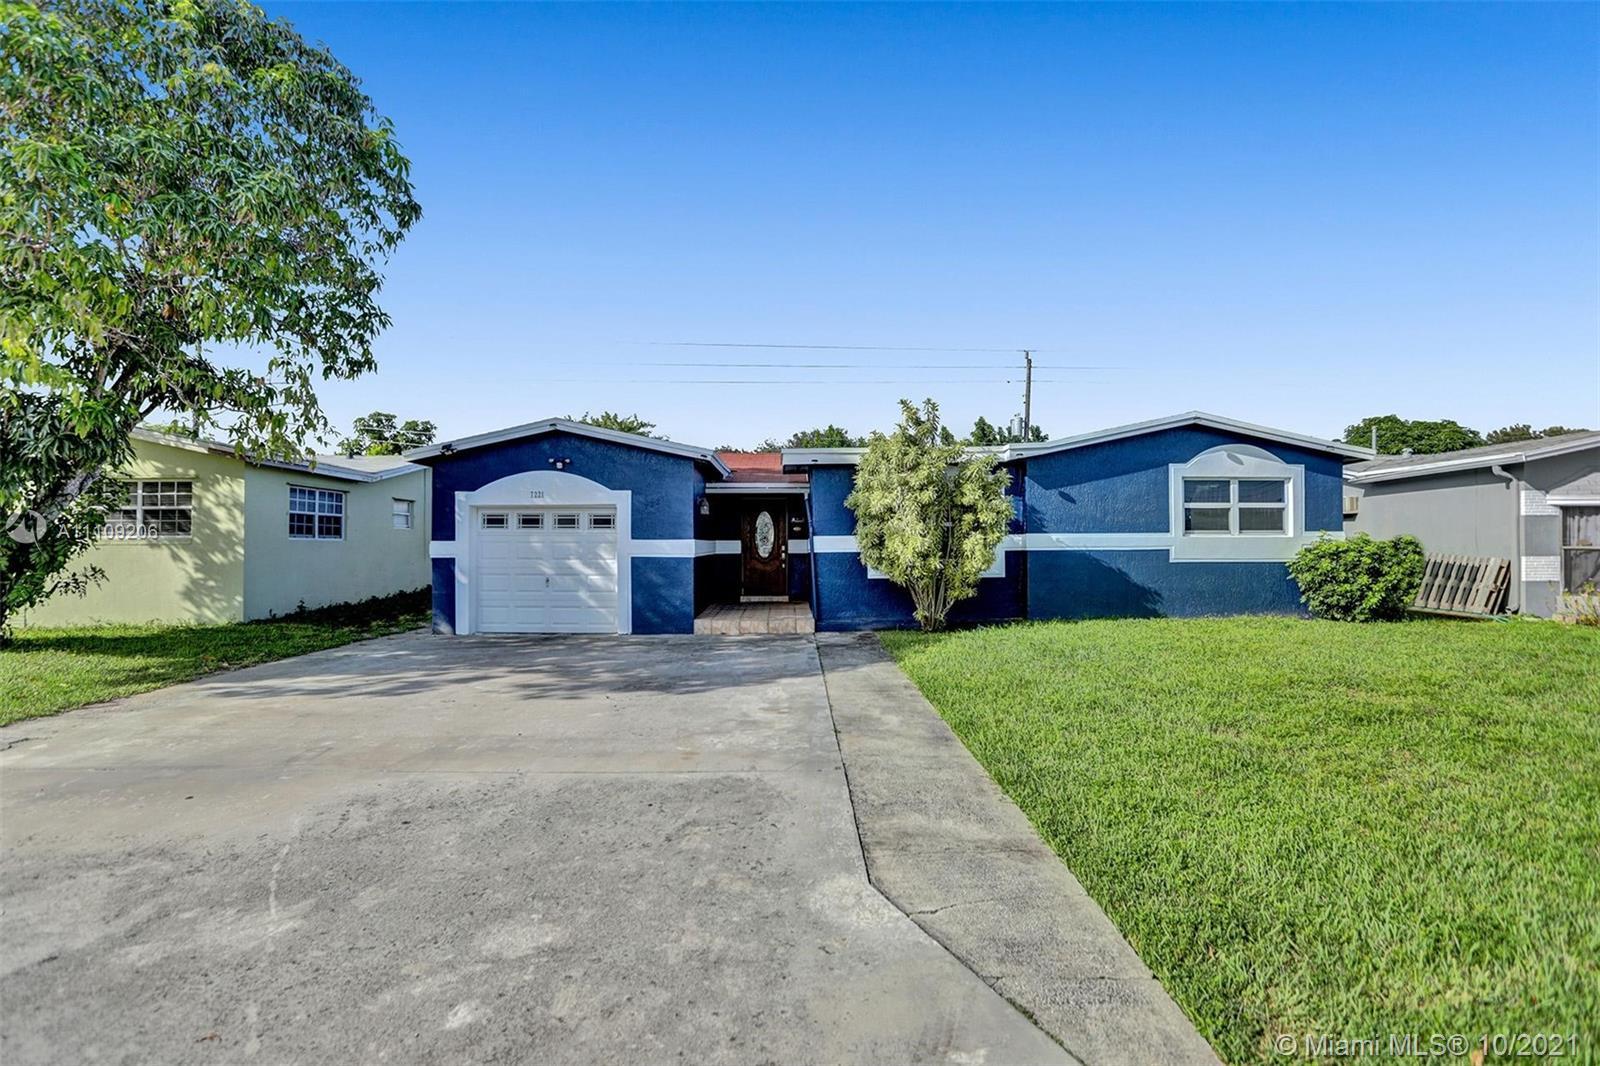 Miramar Park - 7221 Fairway Blvd, Miramar, FL 33023